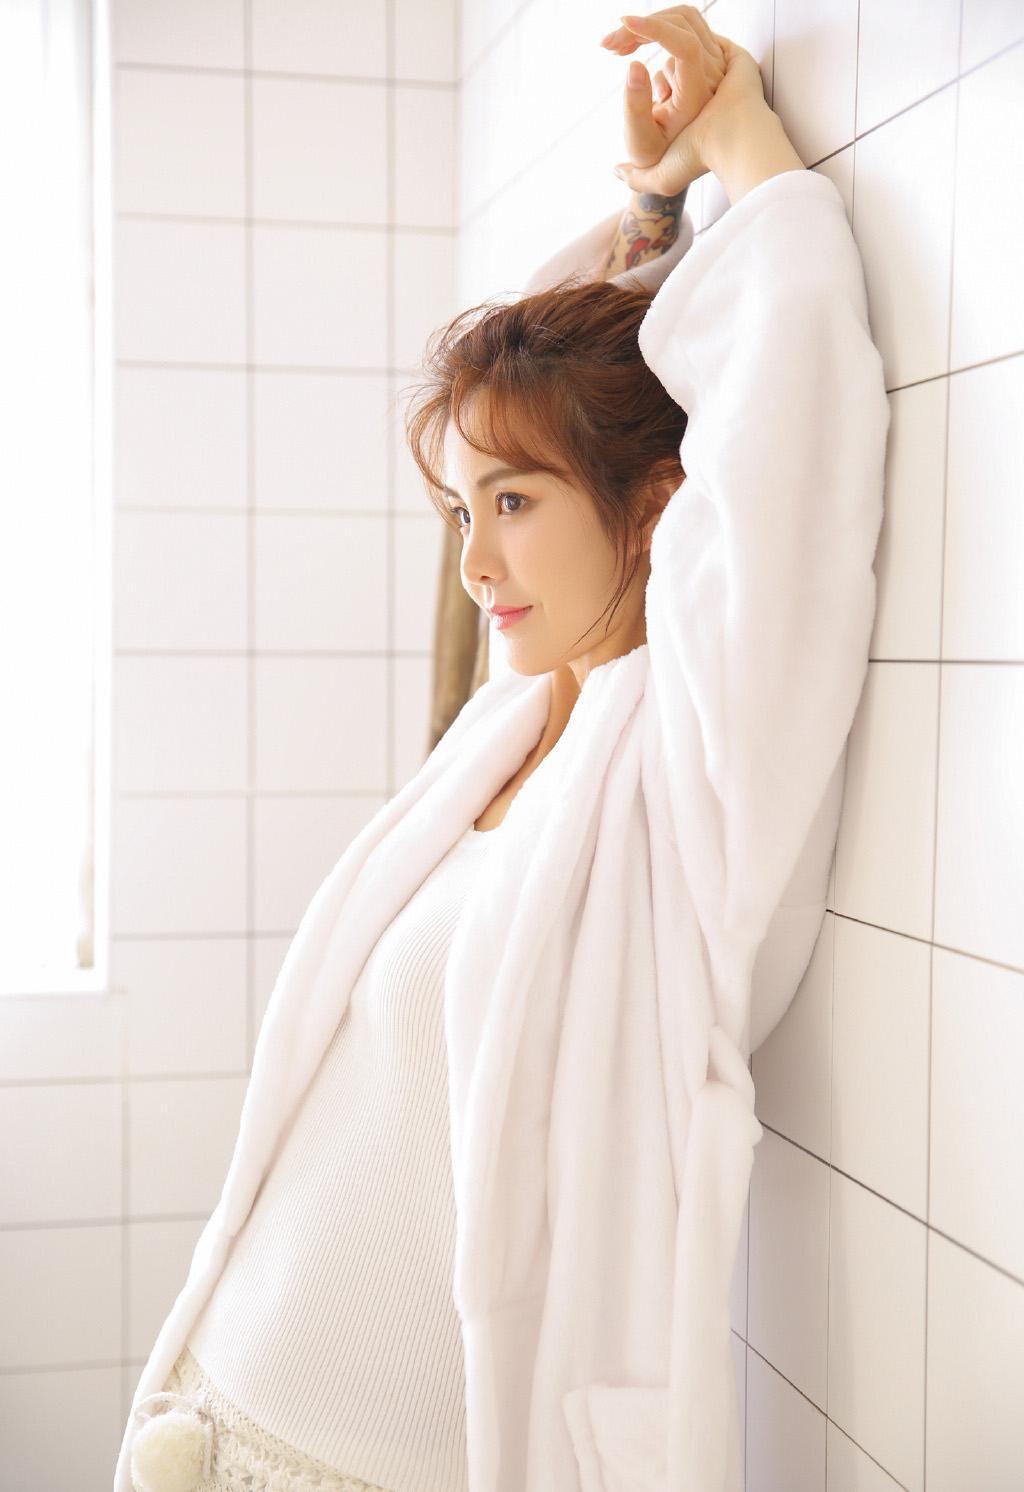 少妇吊带美女图片长腿v少妇性感美女性感丝袜舞浴室热浴巾图片